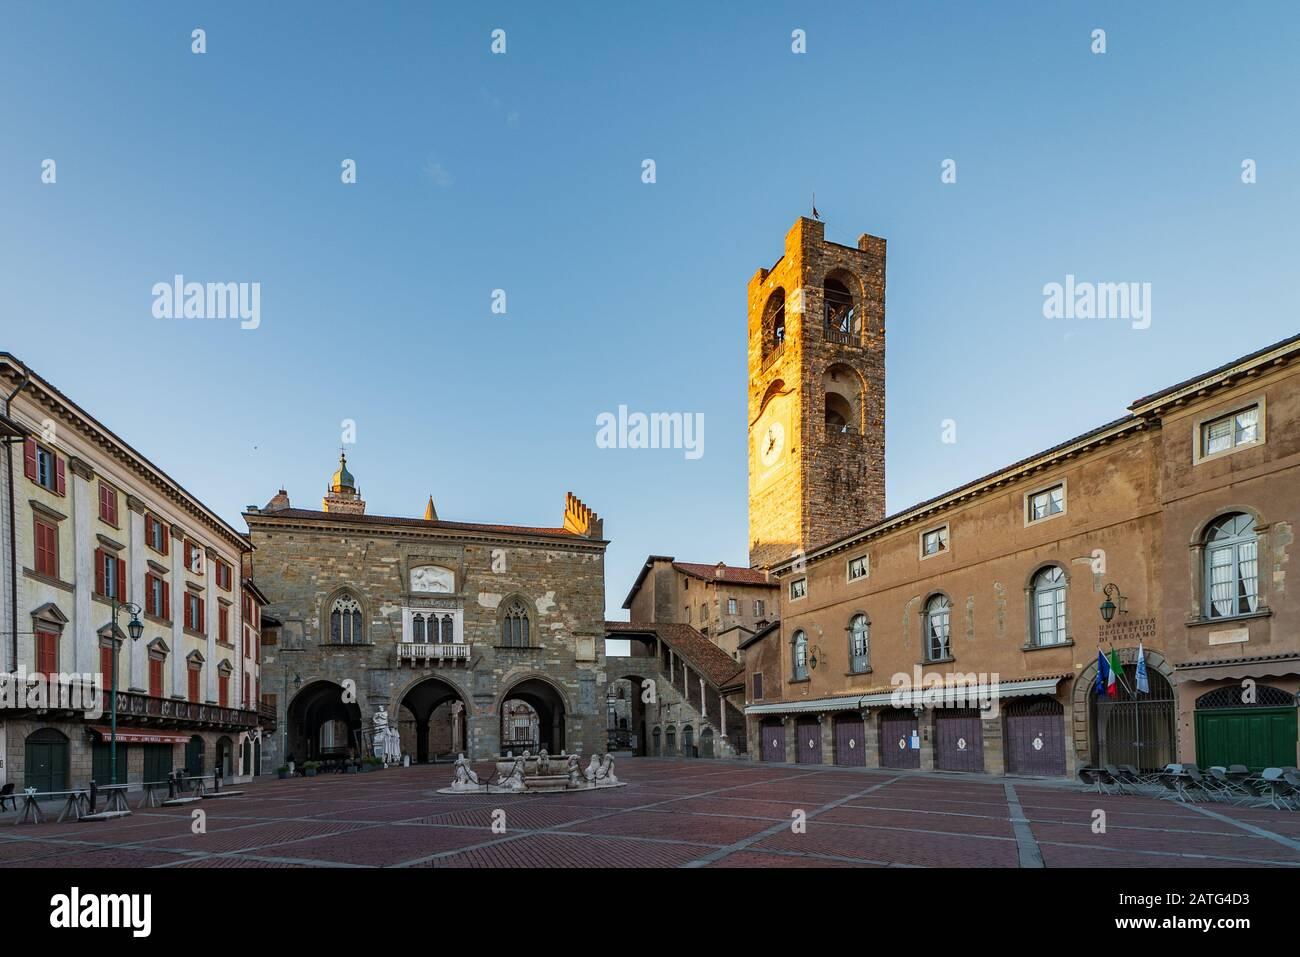 Panorama de la Piazza Vecchia avec la fontaine Contarini et en arrière-plan le Palazzo della Ragione et le clocher appelé Campanone sur la Piazza V. Banque D'Images